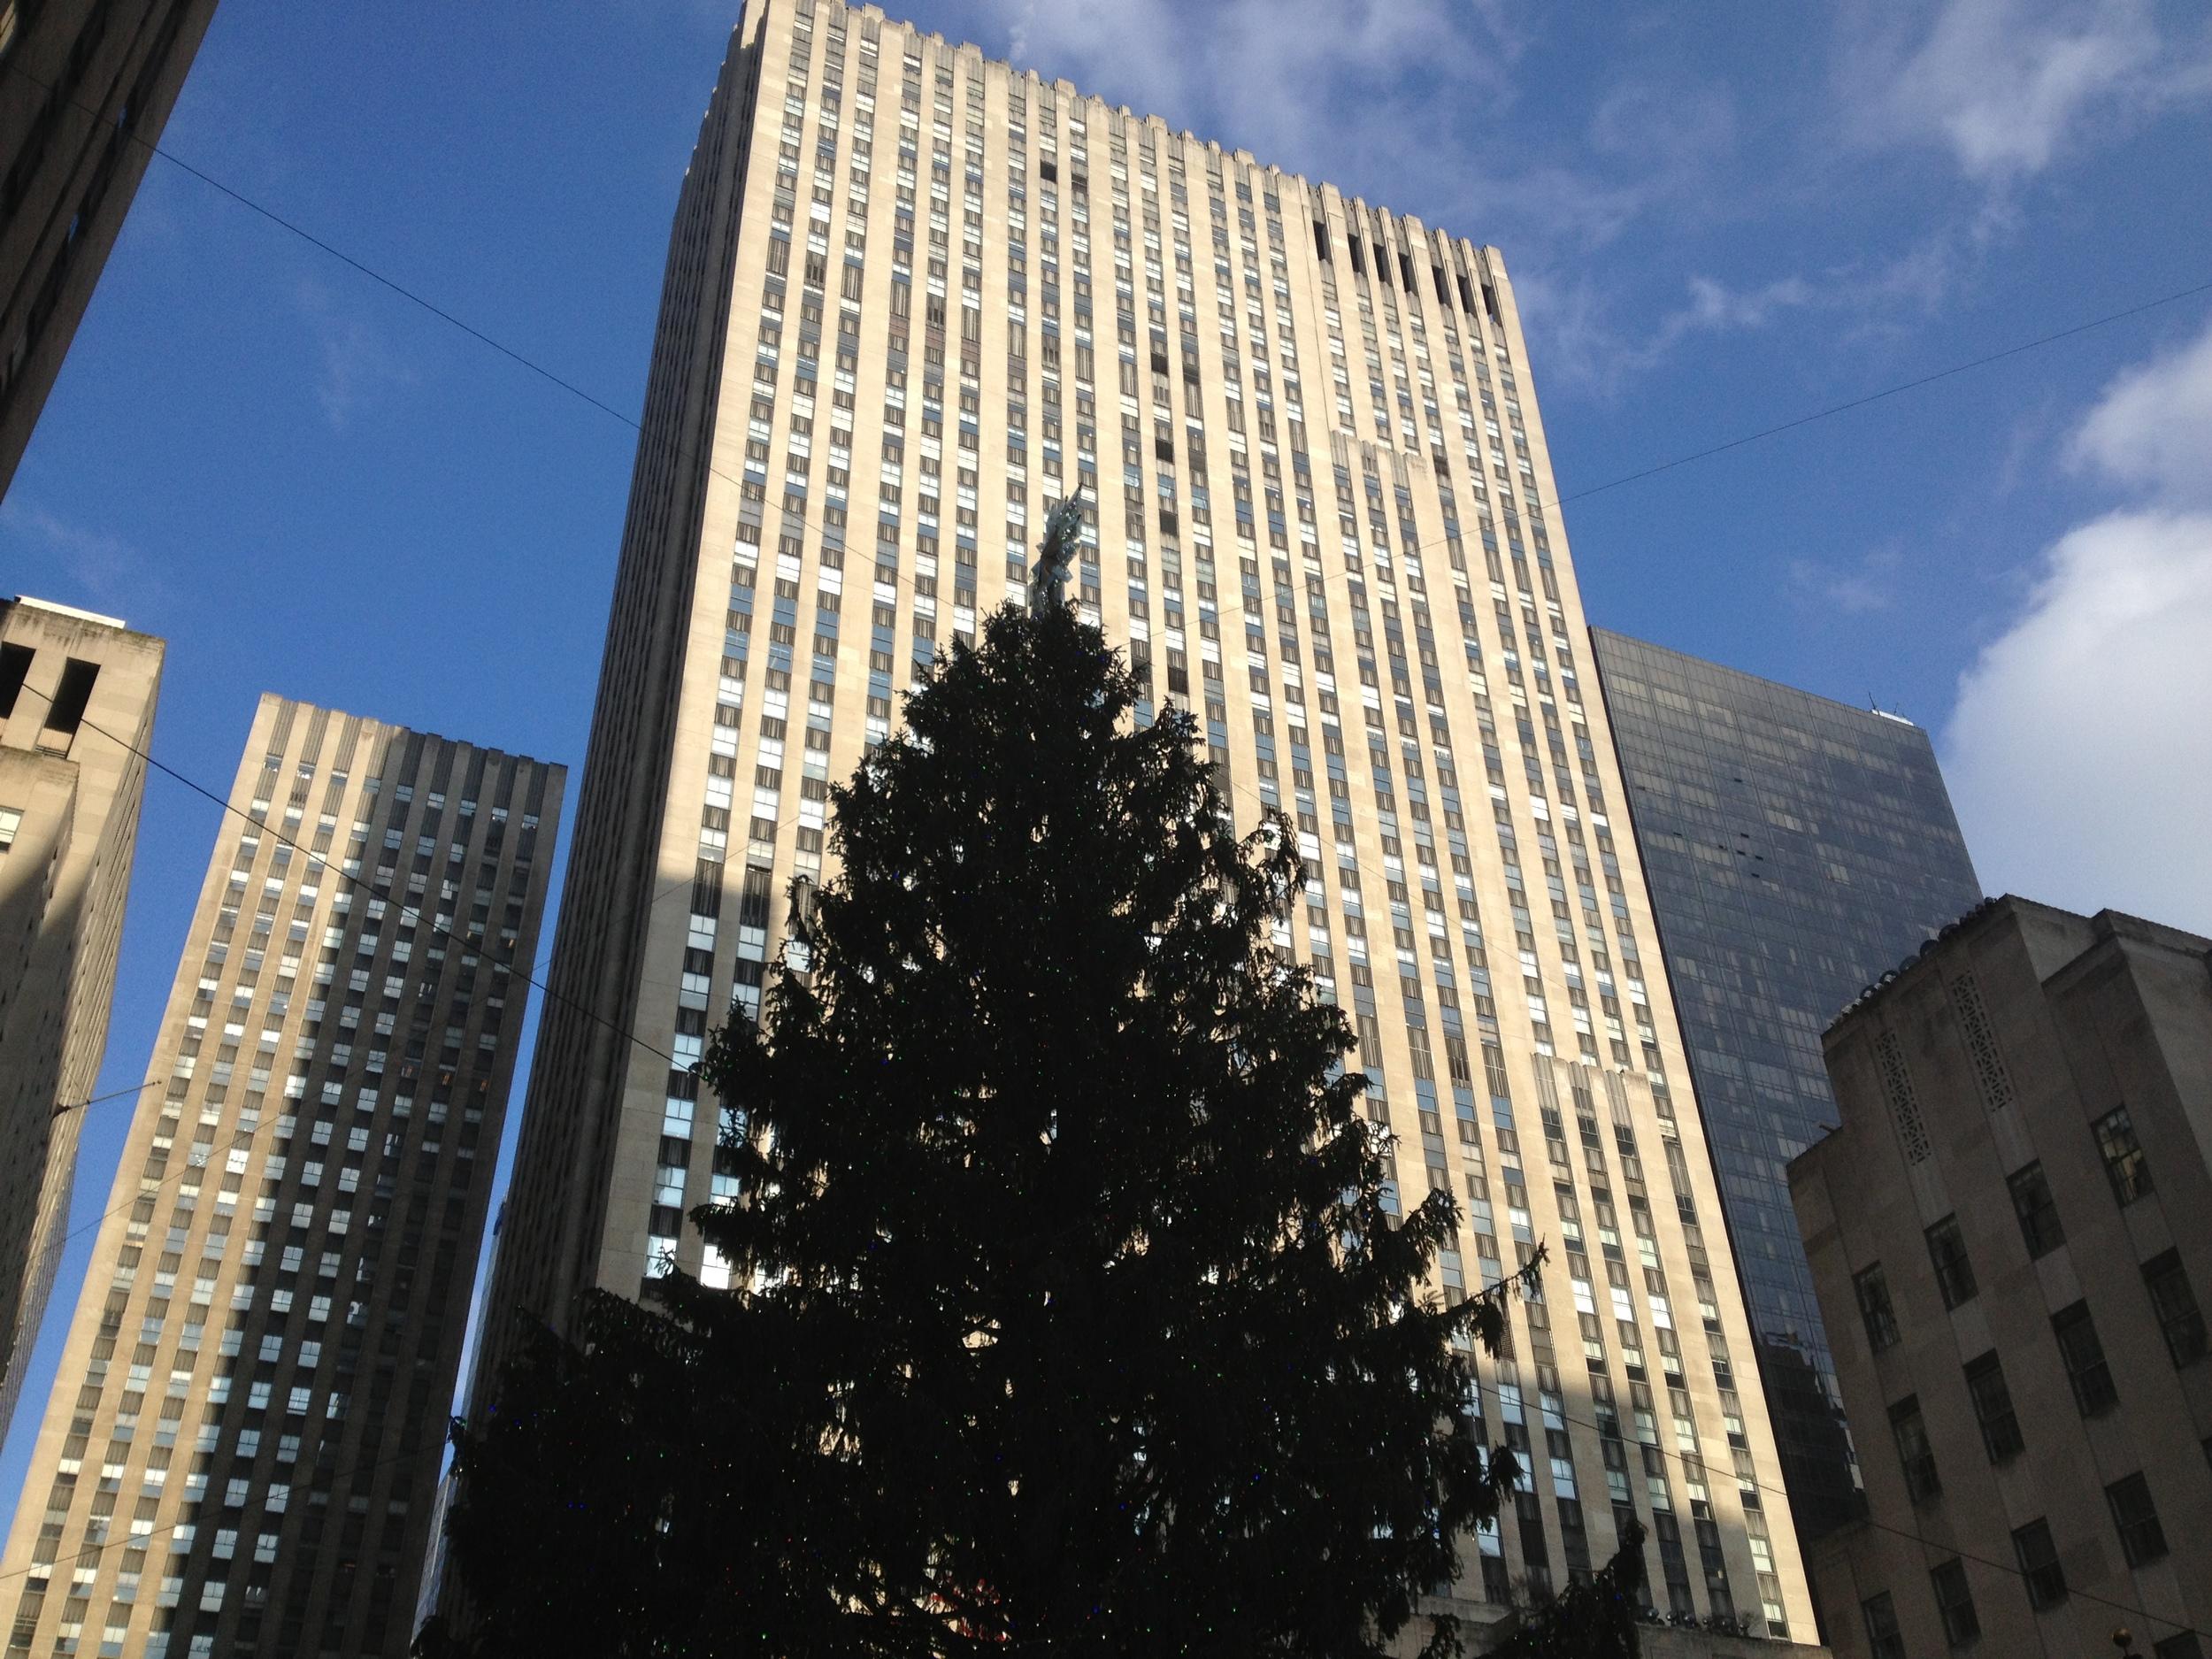 NY, Christmas, and sunshine. 12-18-12